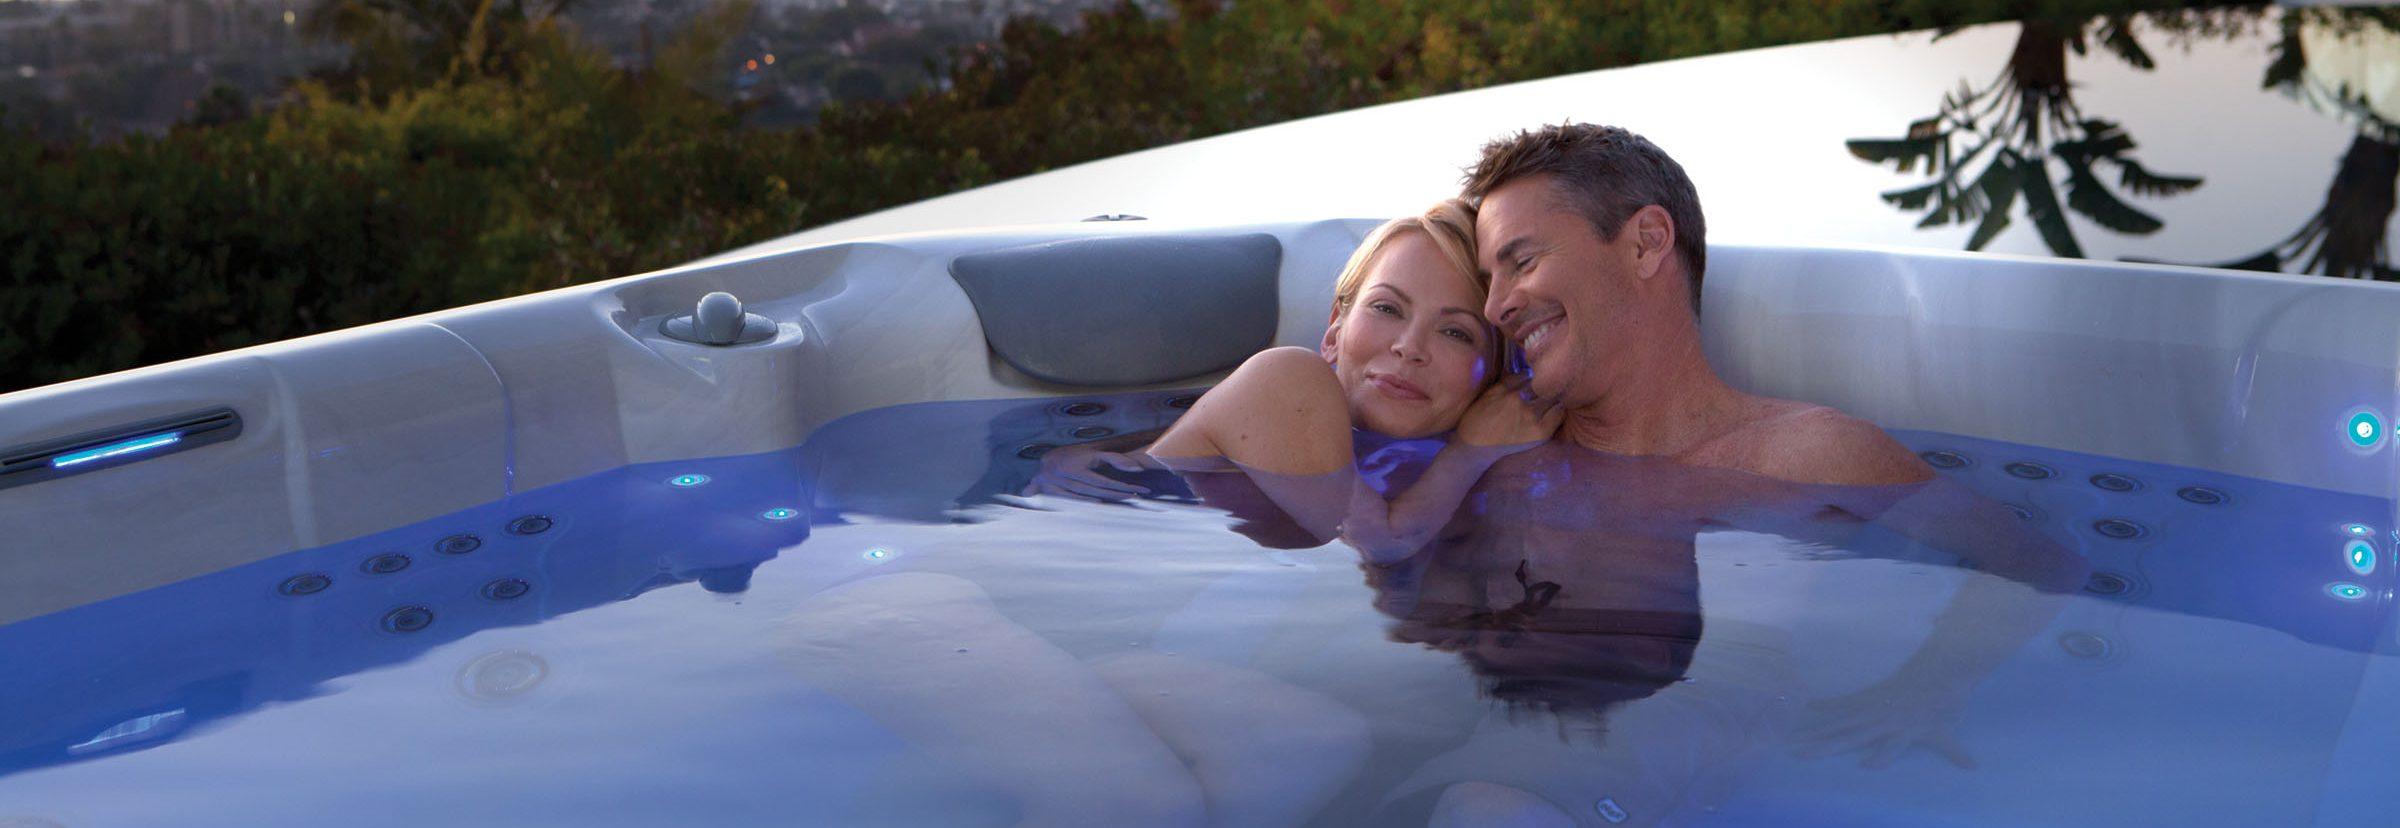 Patarimai Valentino dienai masažiniame baseine